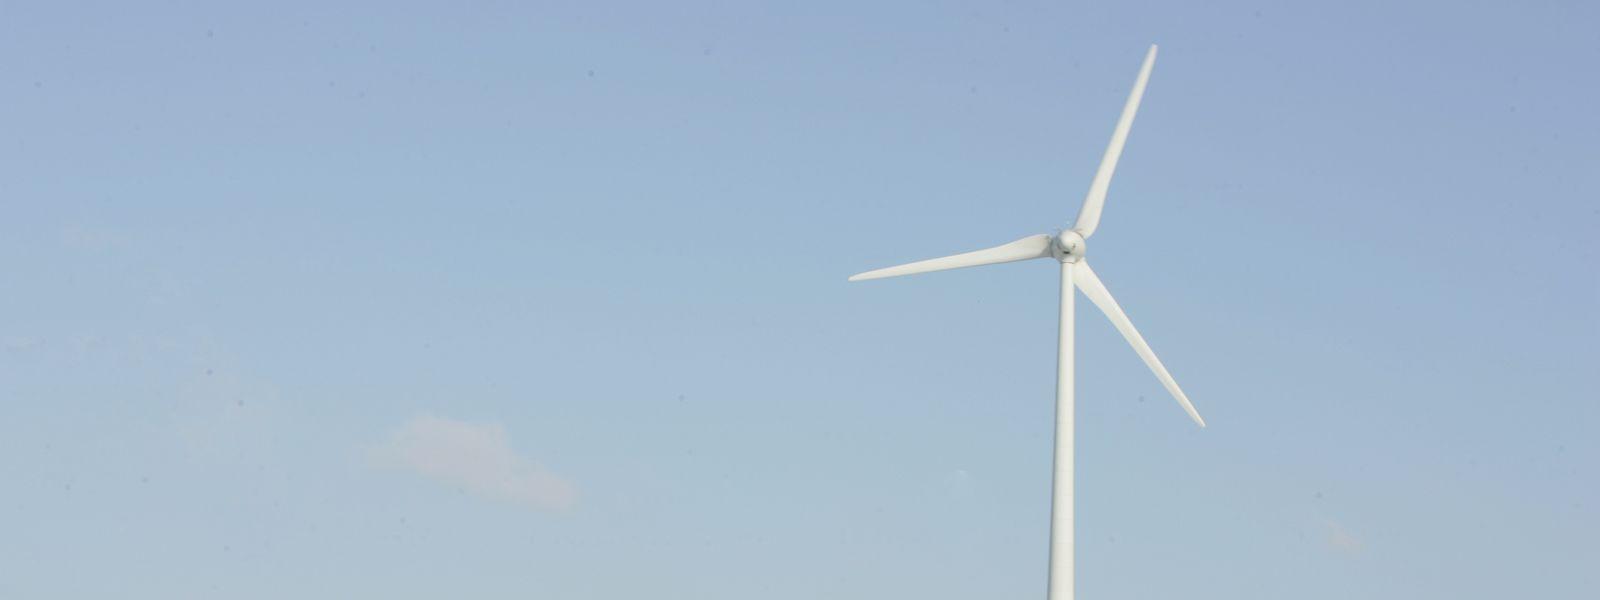 """Der Plan ist für die grünen Minister """"ein riesiges Investitionsprogramm"""": Renovierungen, neue Heizungen, Windräder - das kreiere Arbeit."""